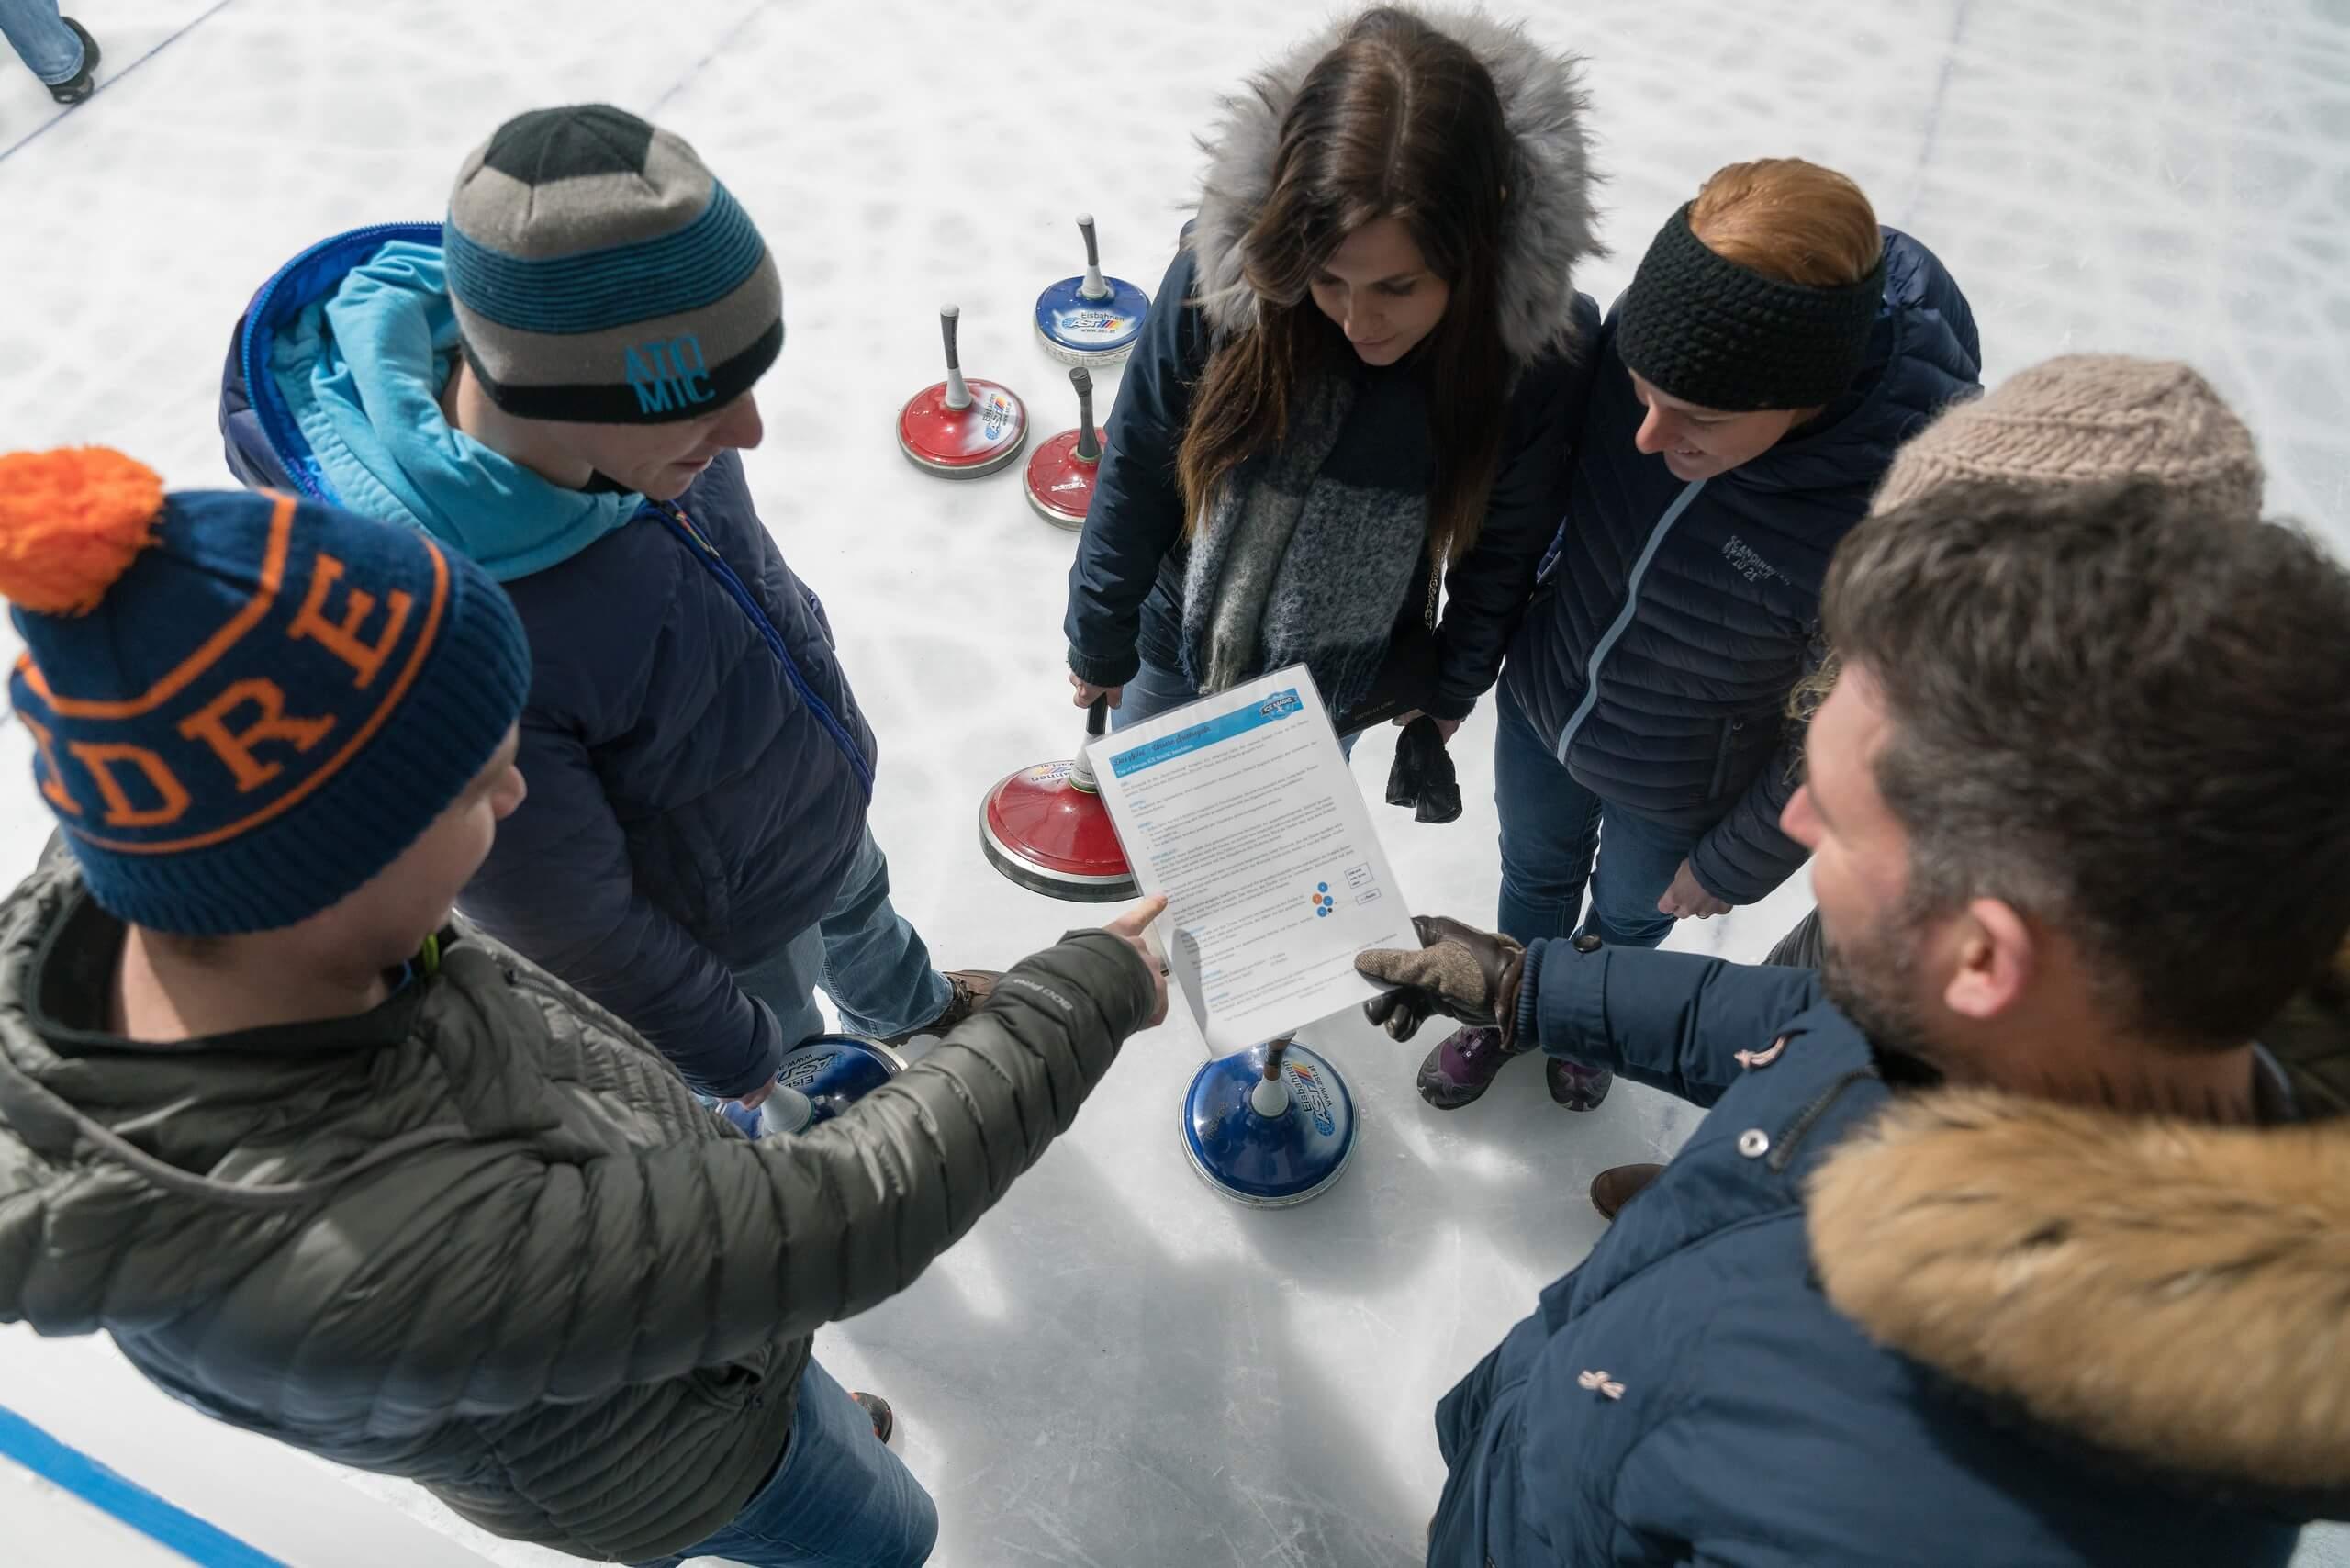 interlaken-top-of-europe-ice-magic-eisstockschiessen-winter-spielregeln.jpg